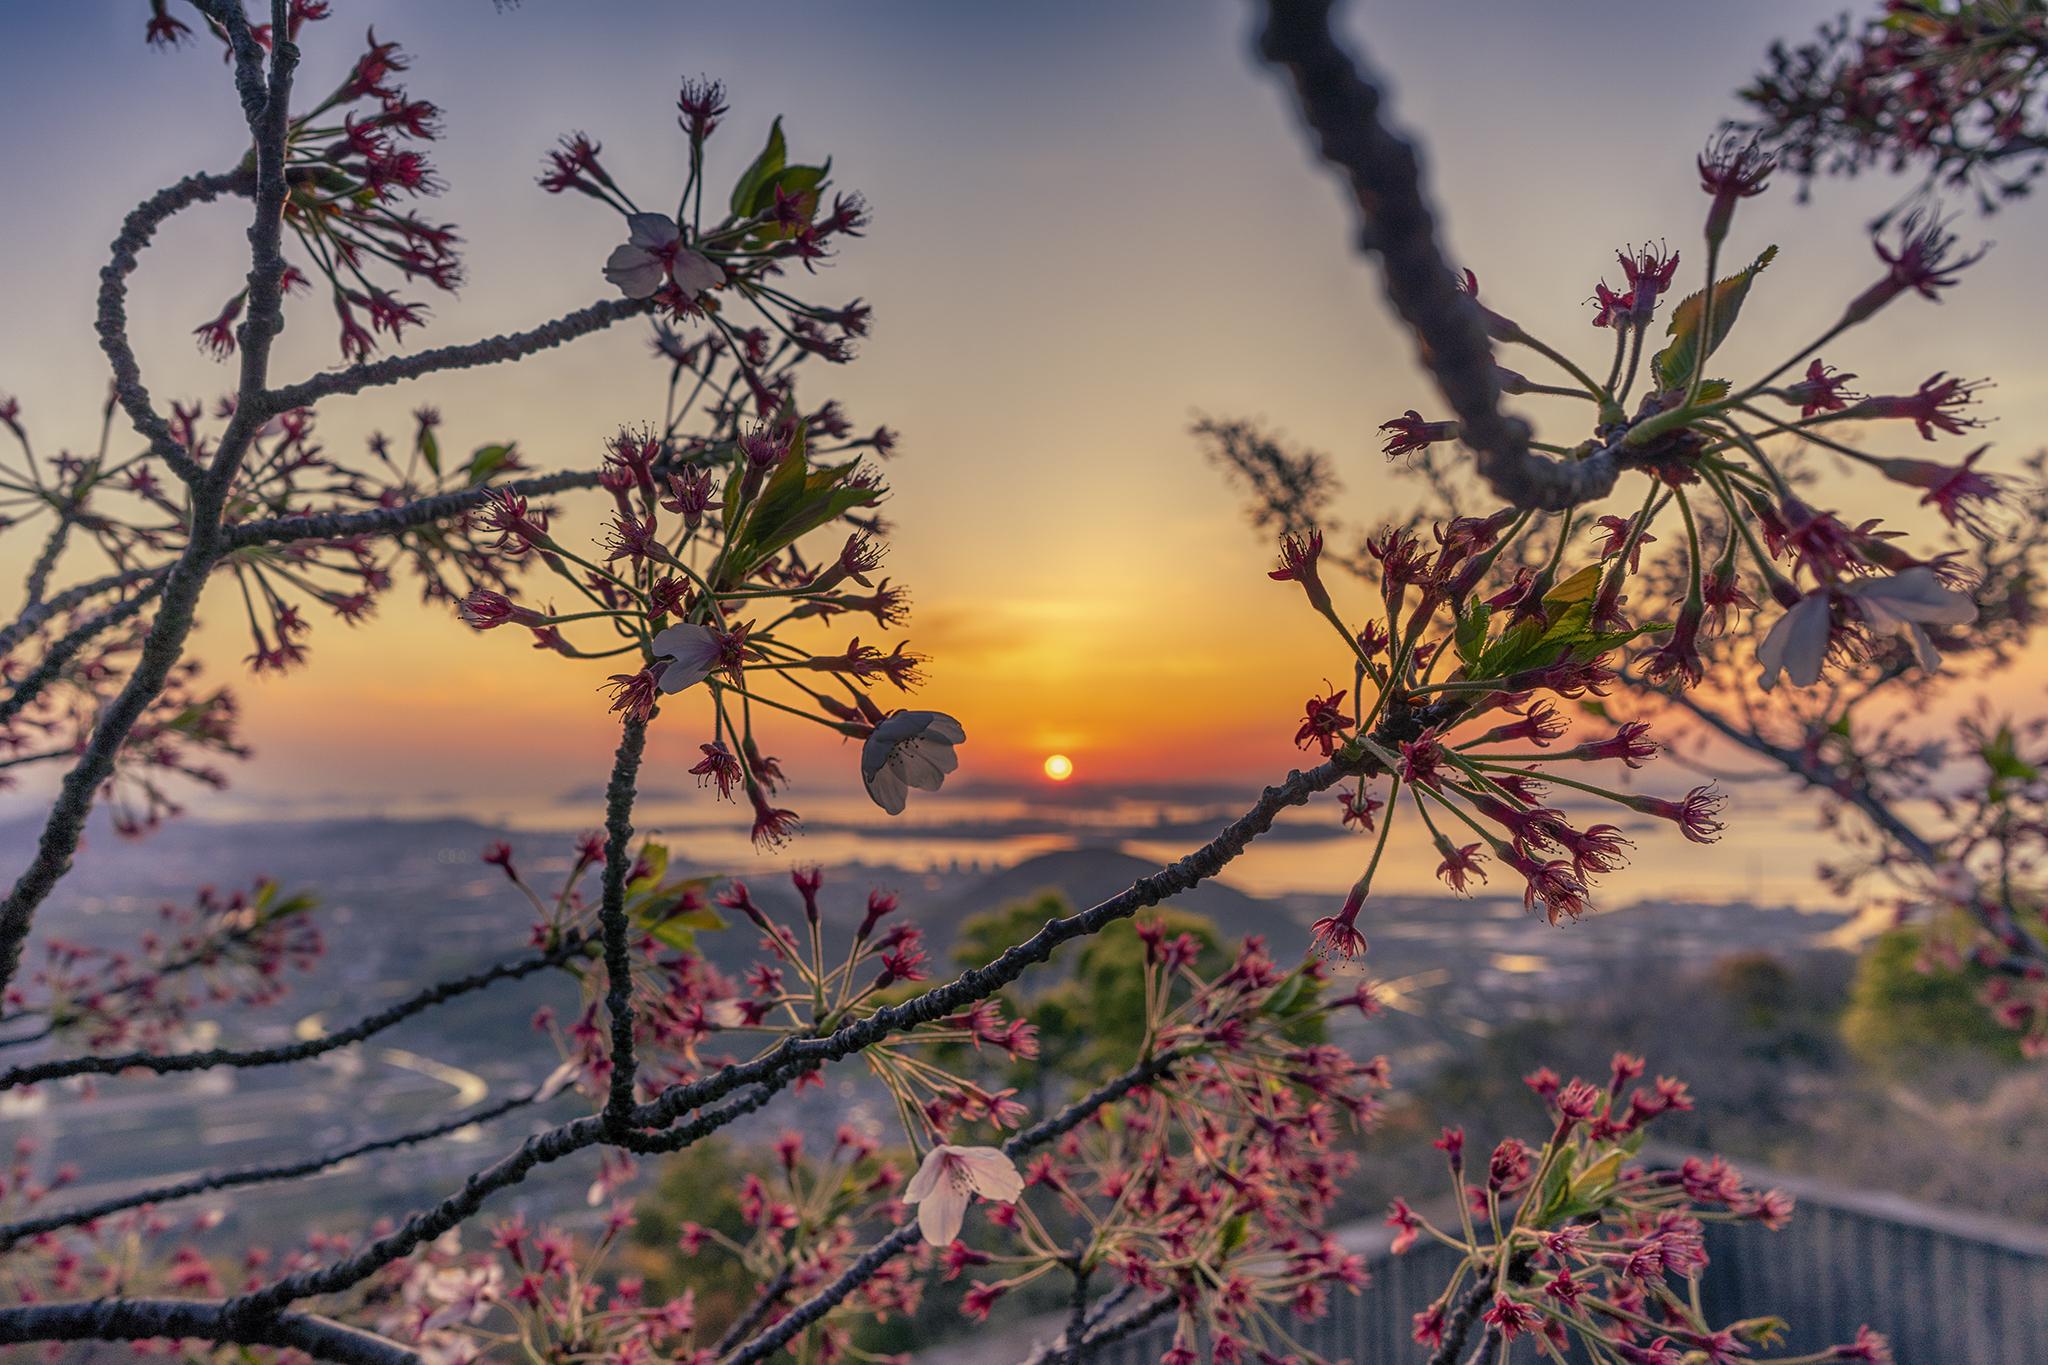 桜散る白峰展望台から見る夕焼け